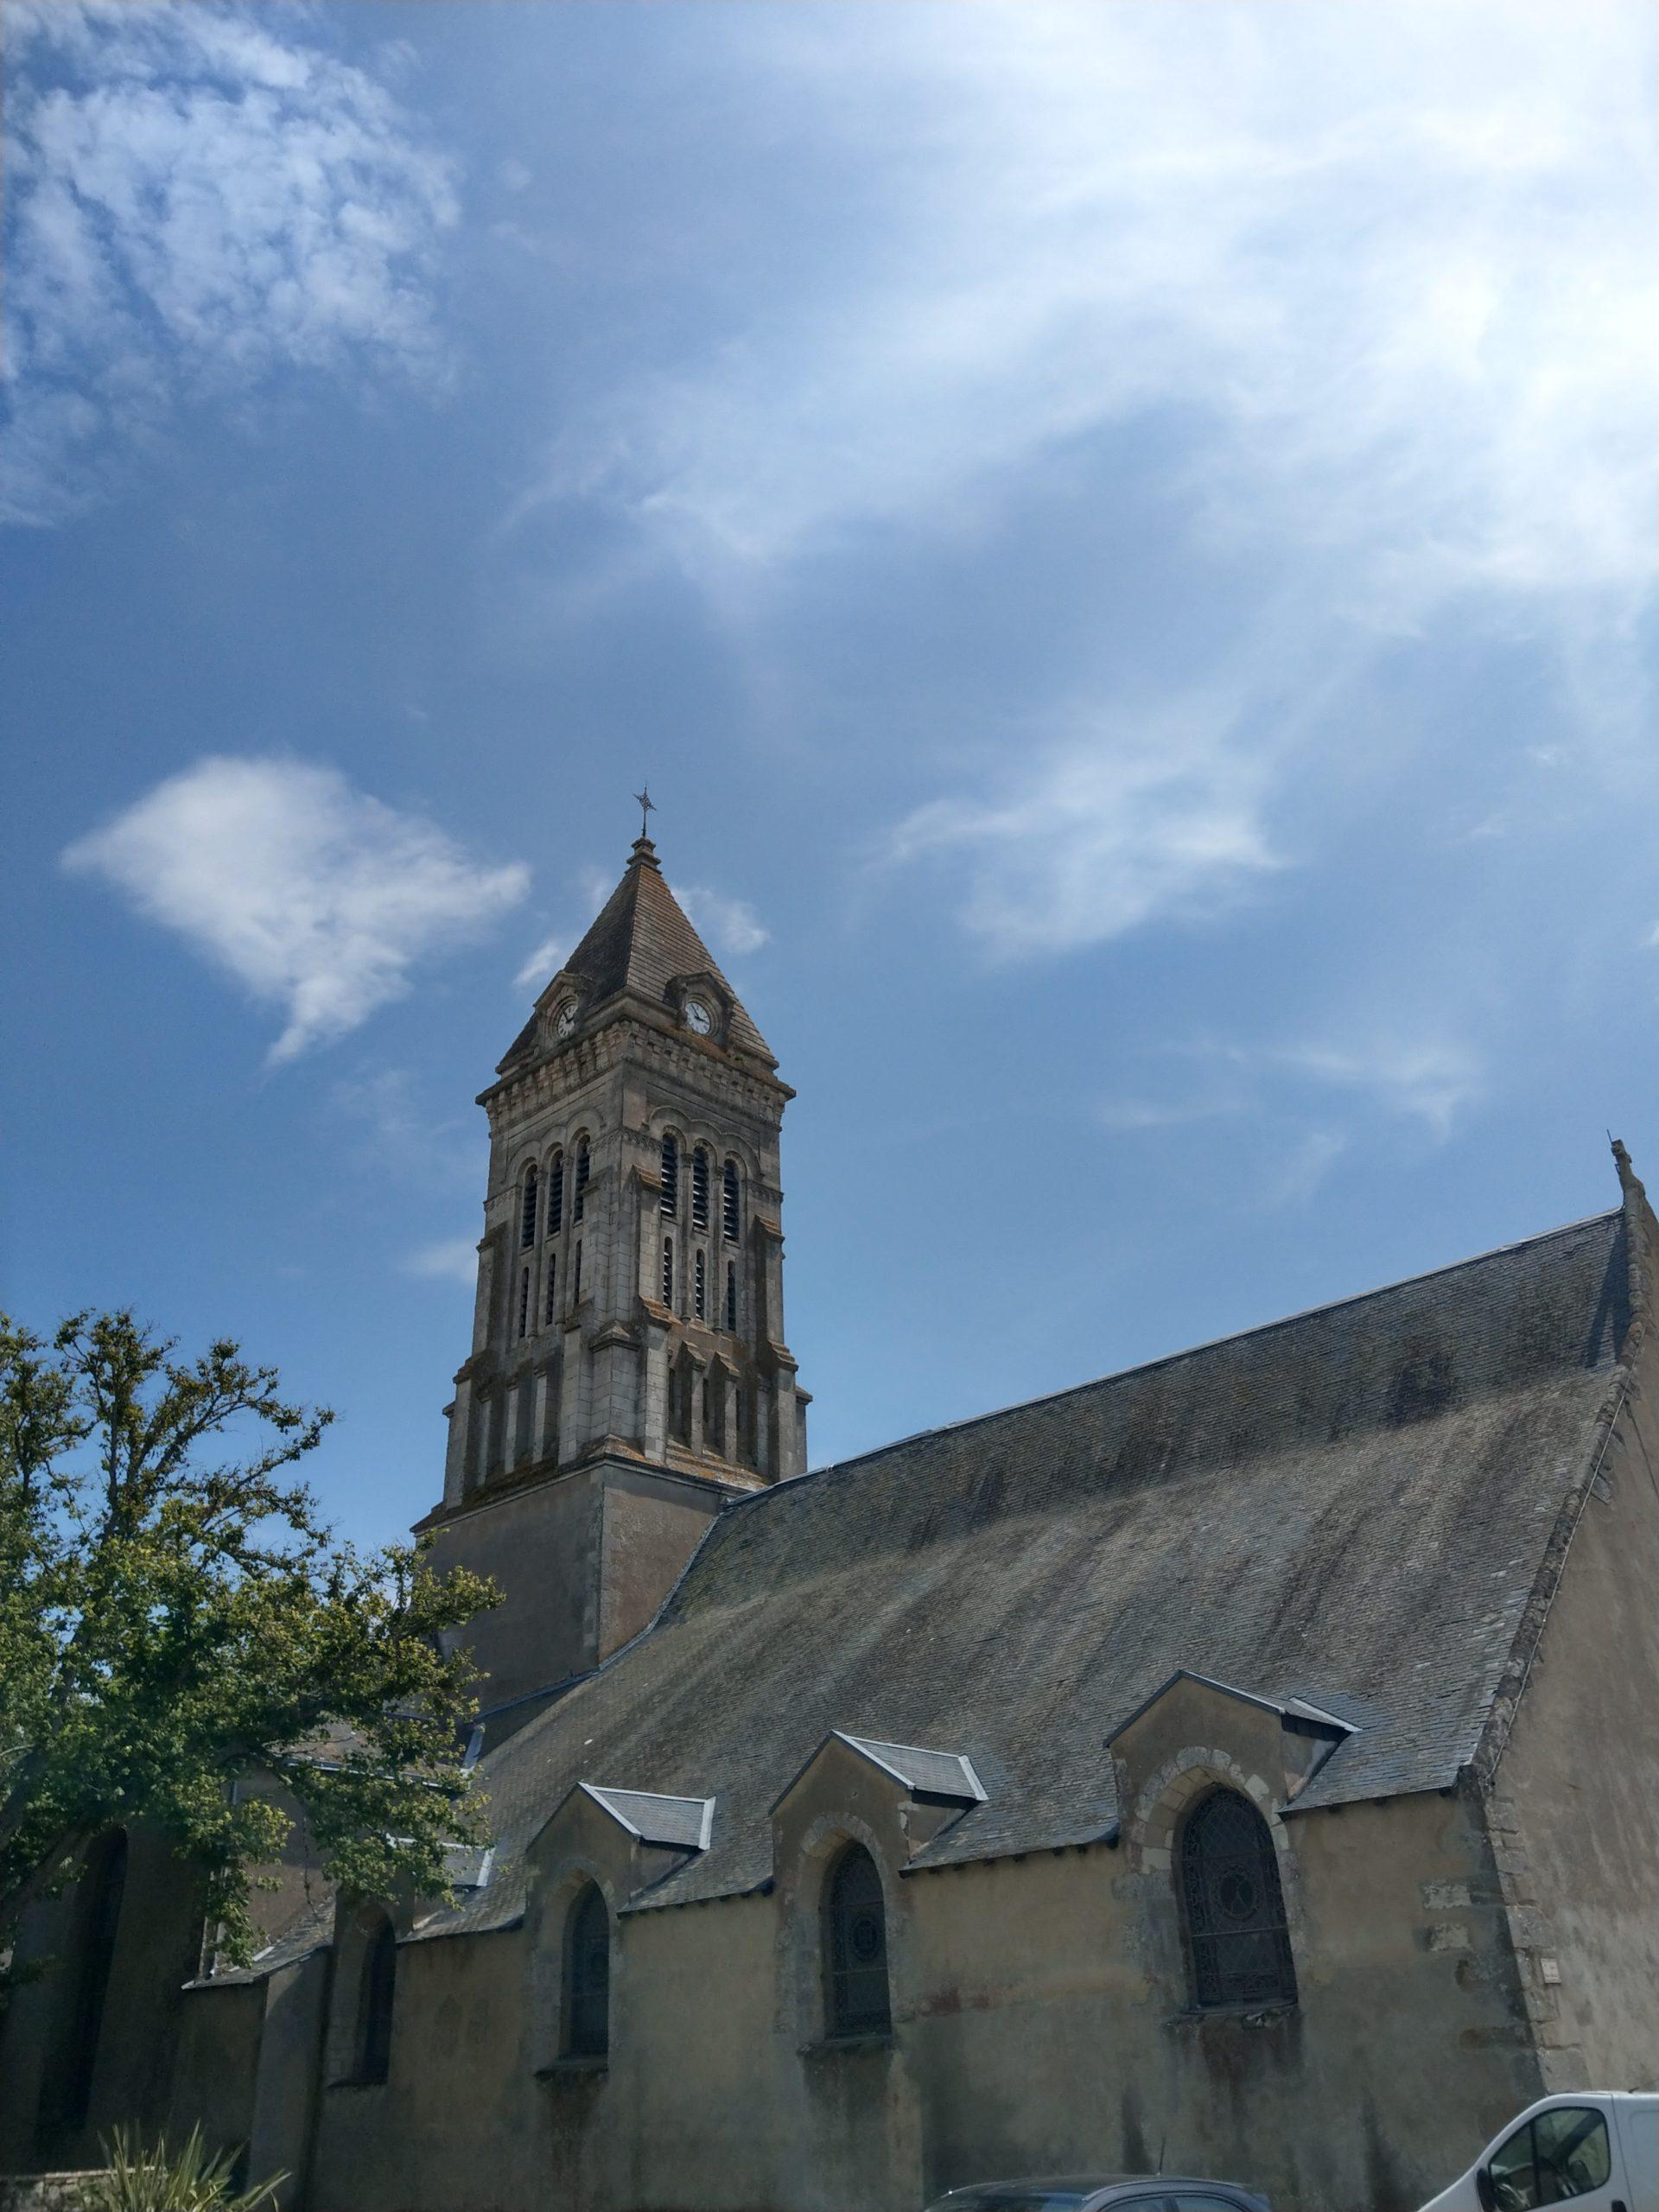 L'Eglise Saint-Philibert de Noirmoutier